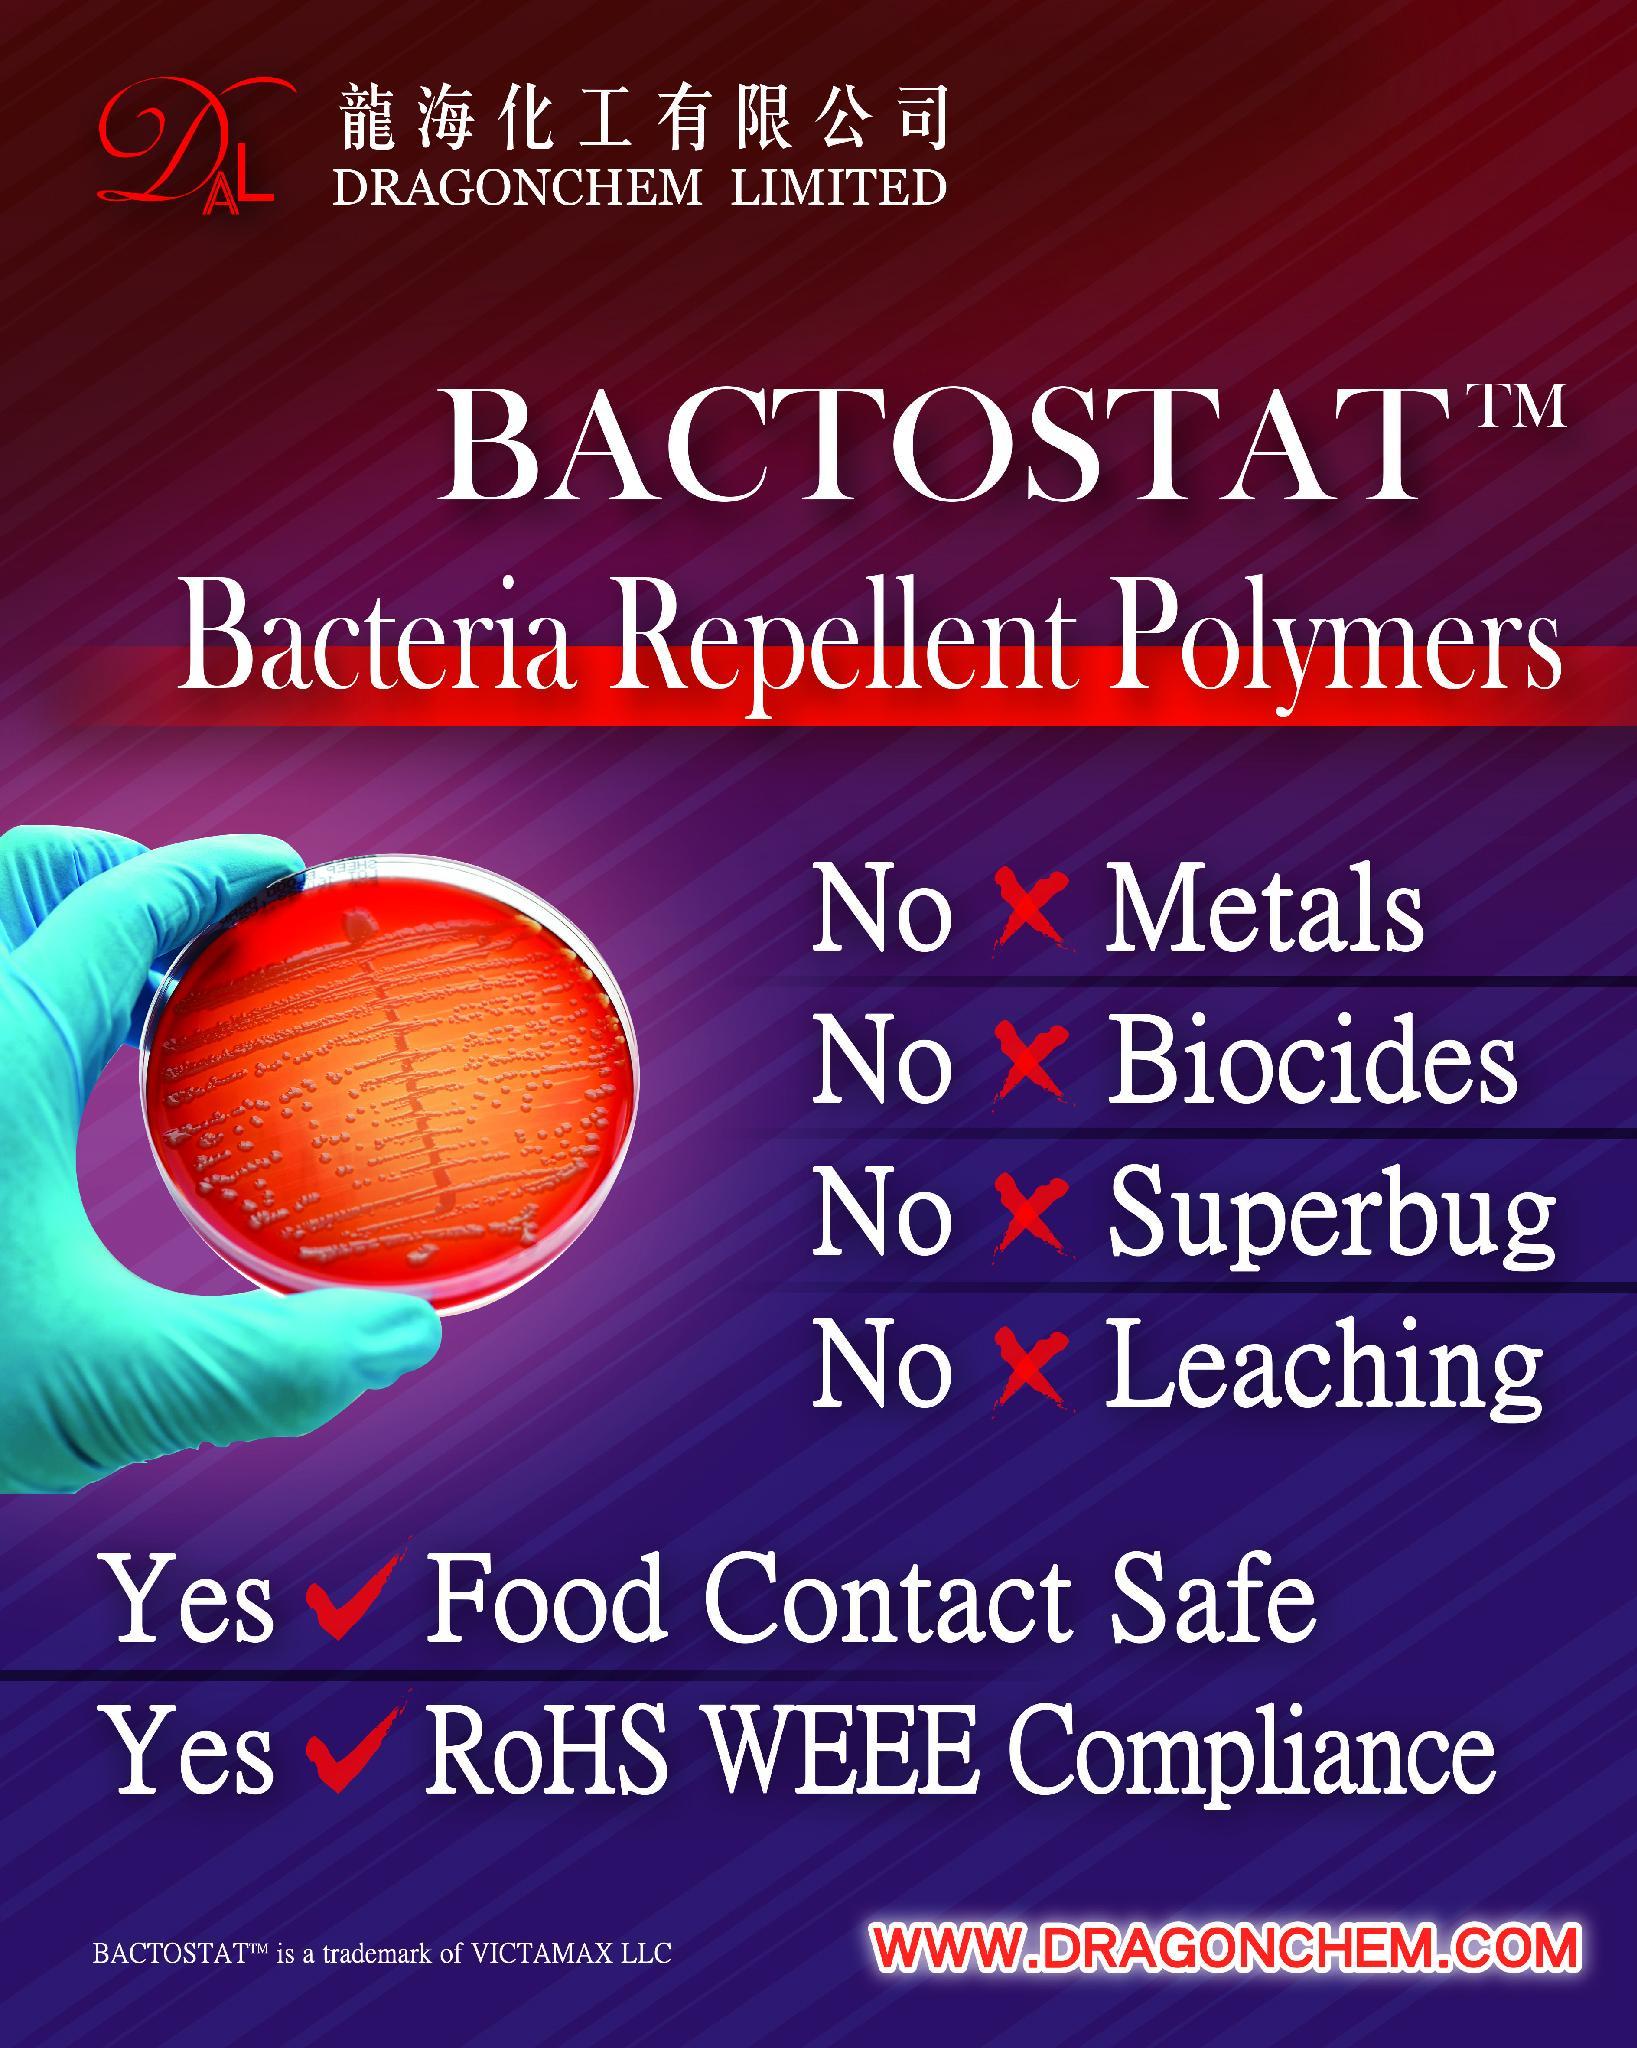 百圖斯達 : 斥菌防霉塑料 1